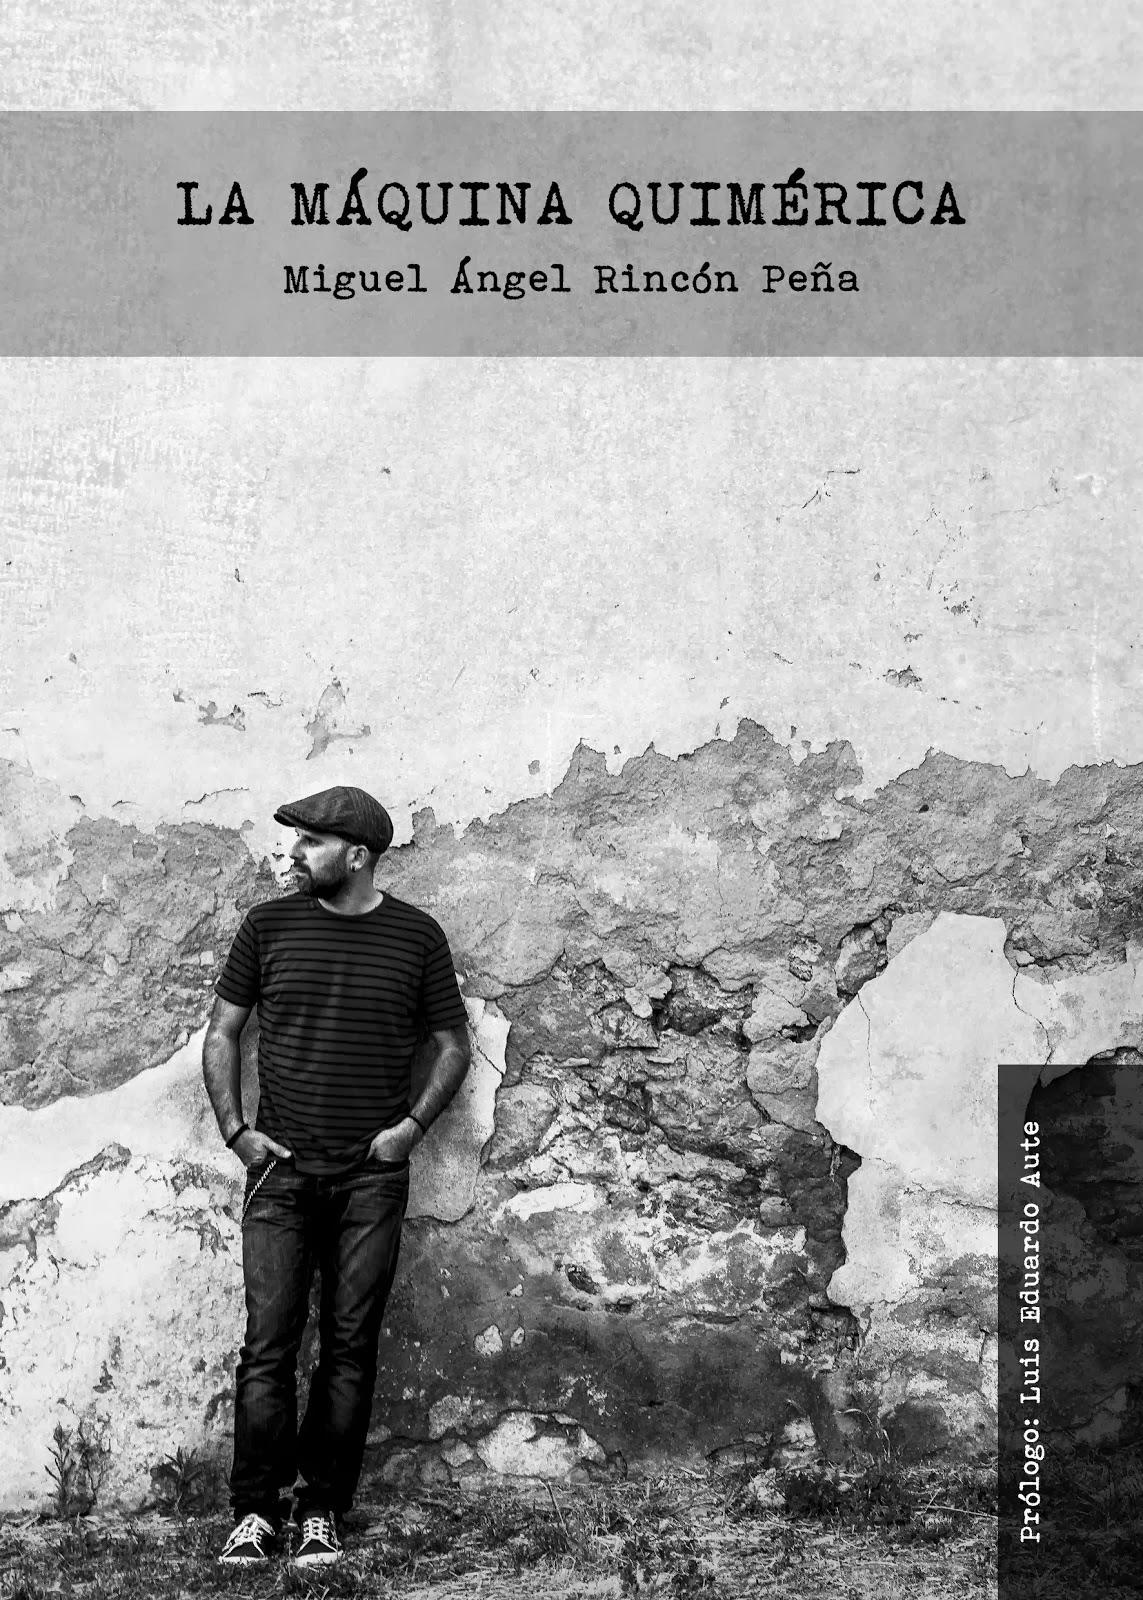 Nuevo libro: